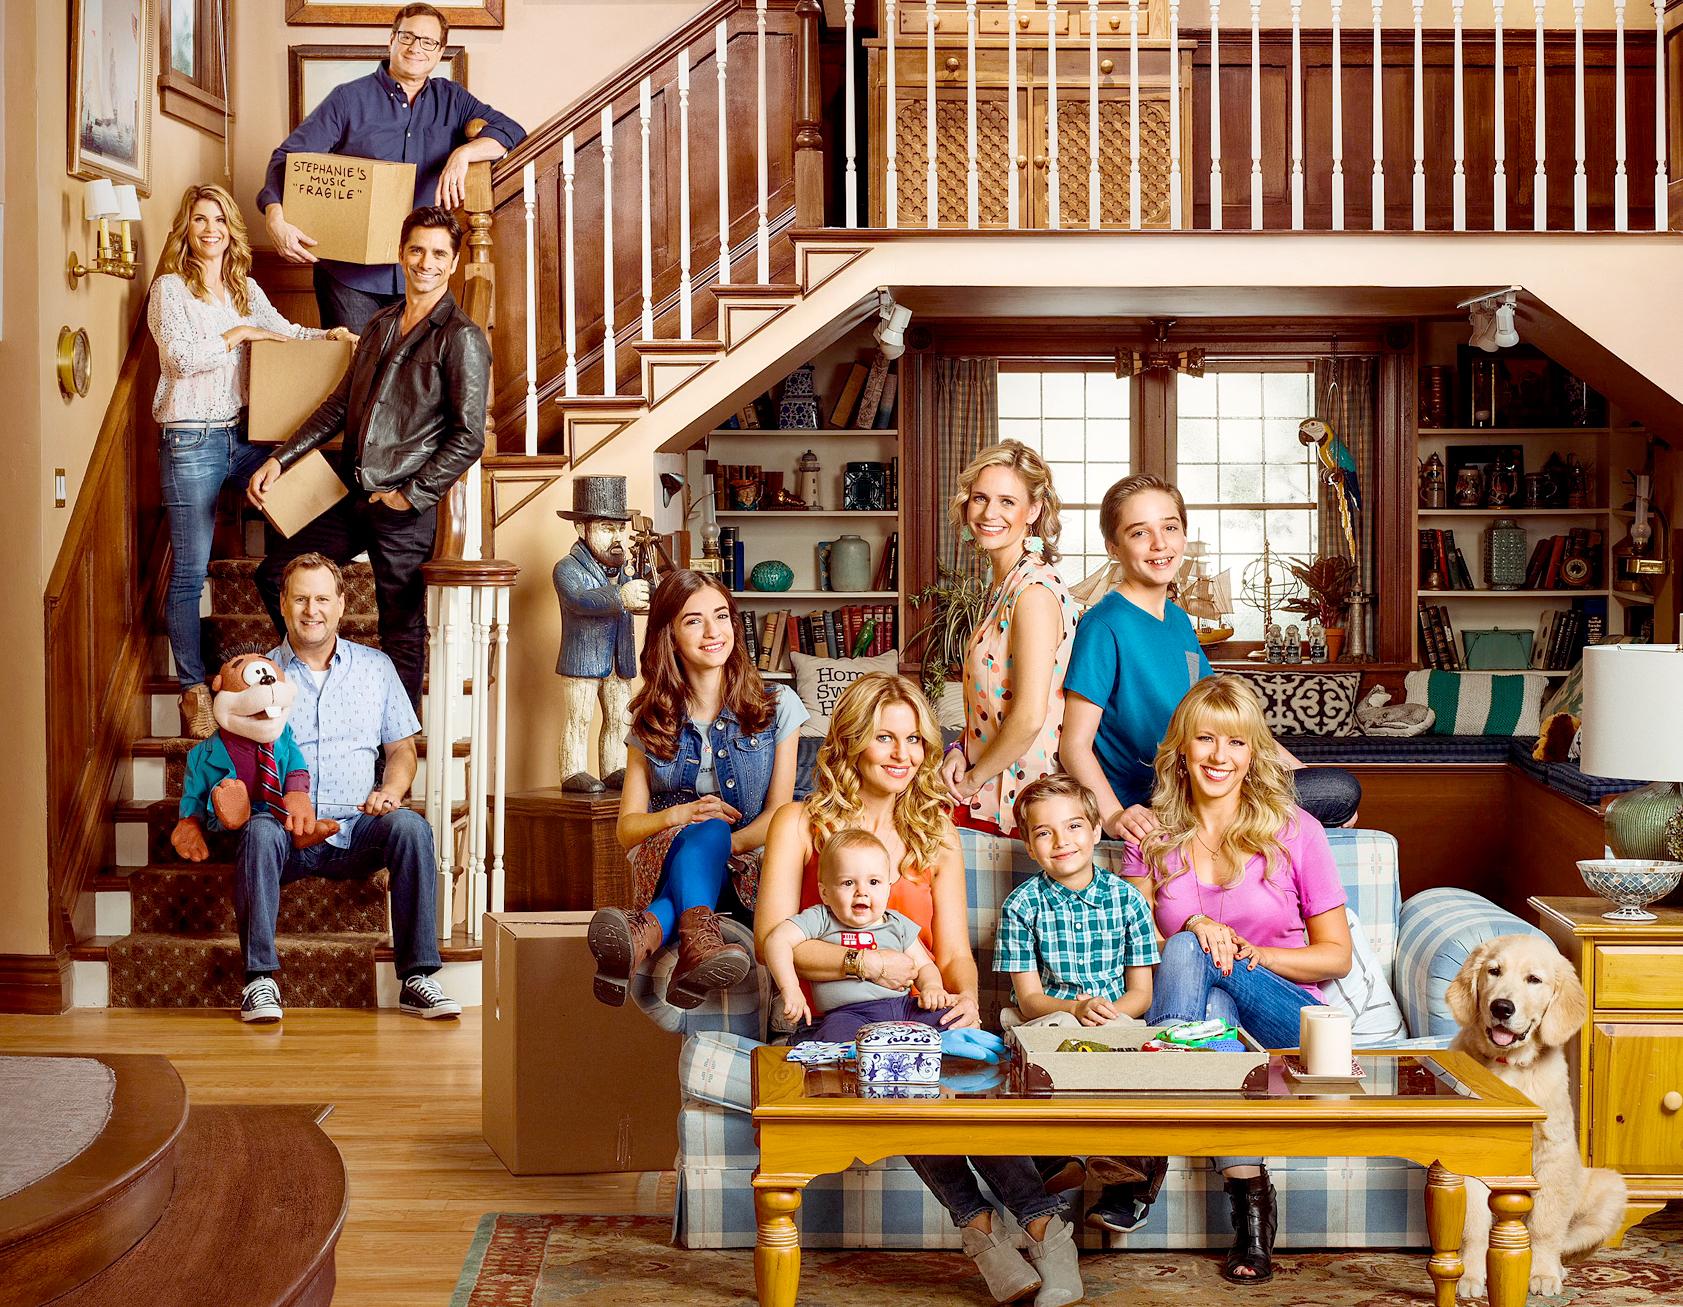 fuller house teaser shows d j s kids tanner family moving in watch rh usmagazine com